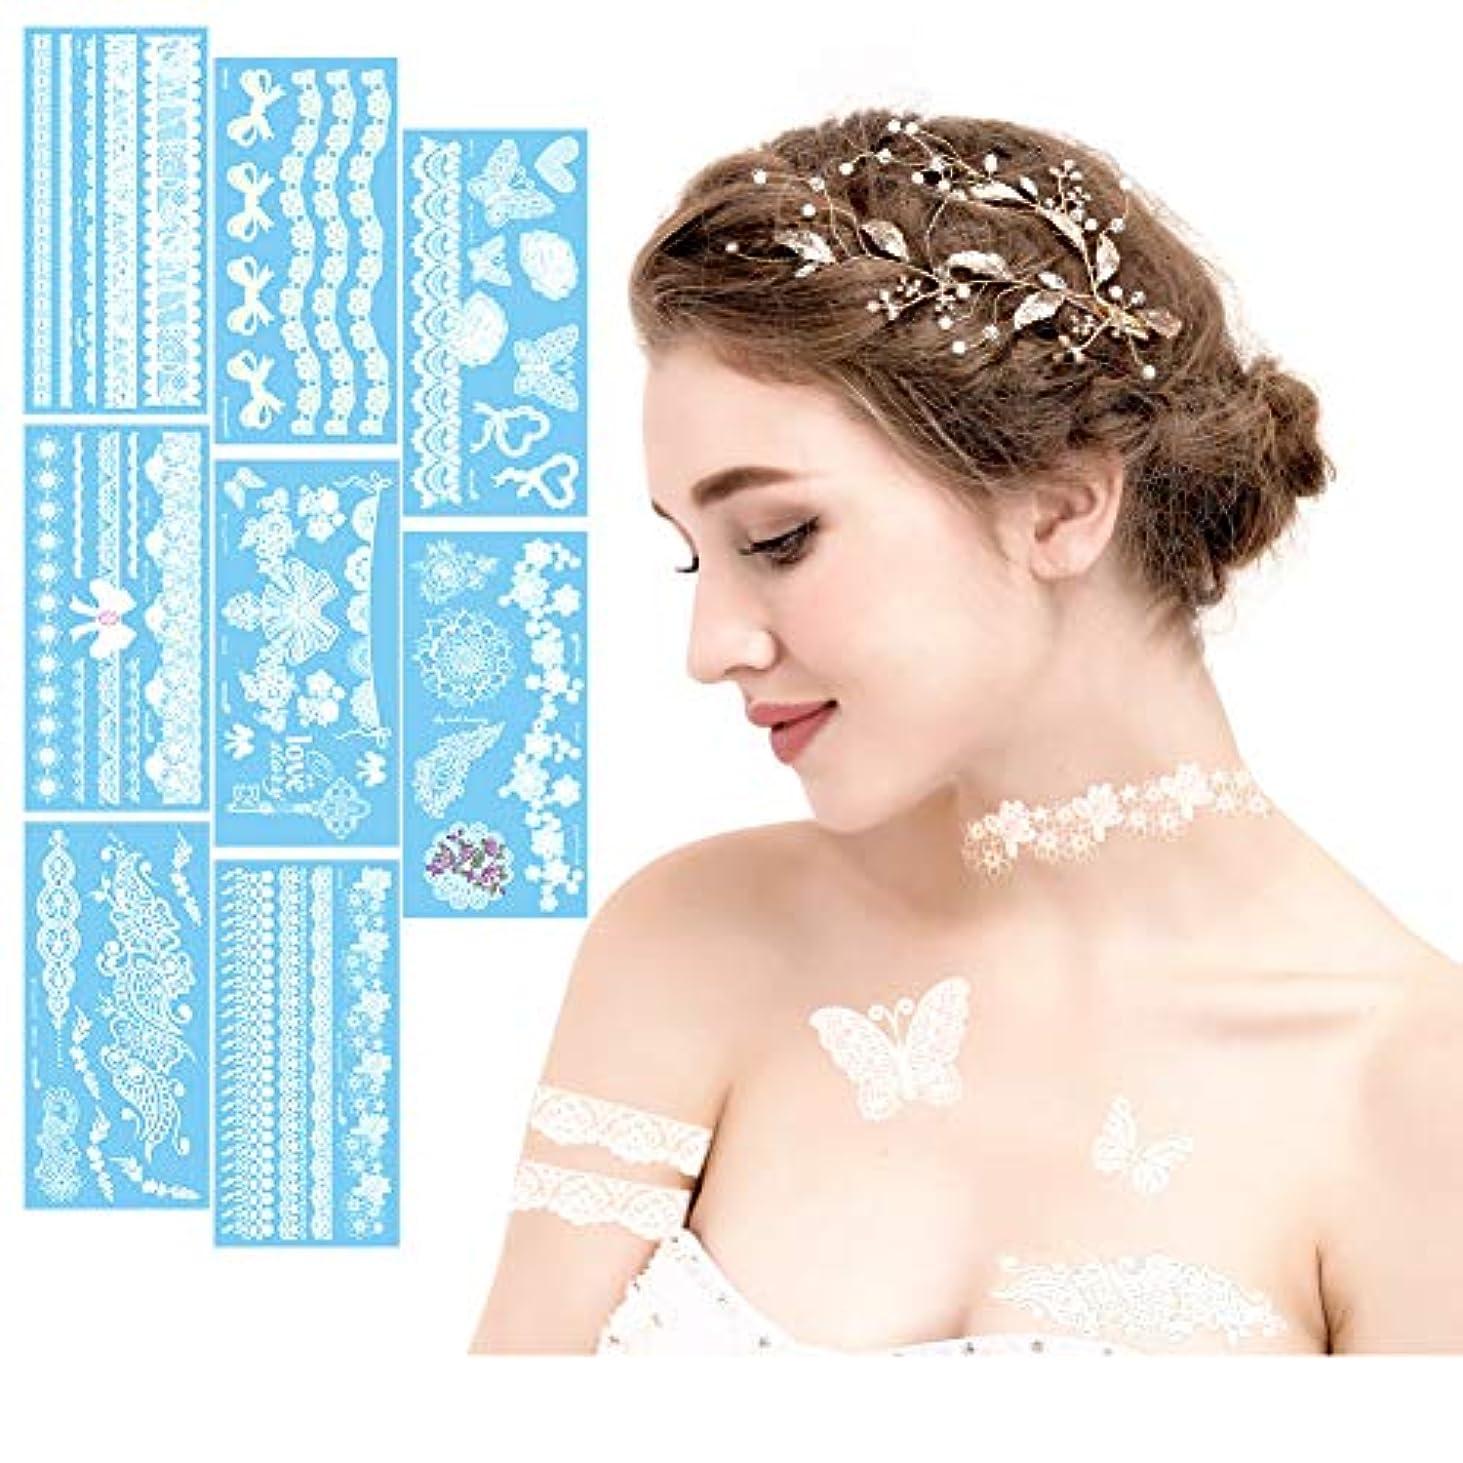 迷惑生命体方法タトゥーシール 女性用 白いレース 8枚 ファッション 一時的な入れ墨 セクシー 結婚式、旅行、パーティー、コスプレ用に TATTOO 誕生日プレゼント高品质 長持ち